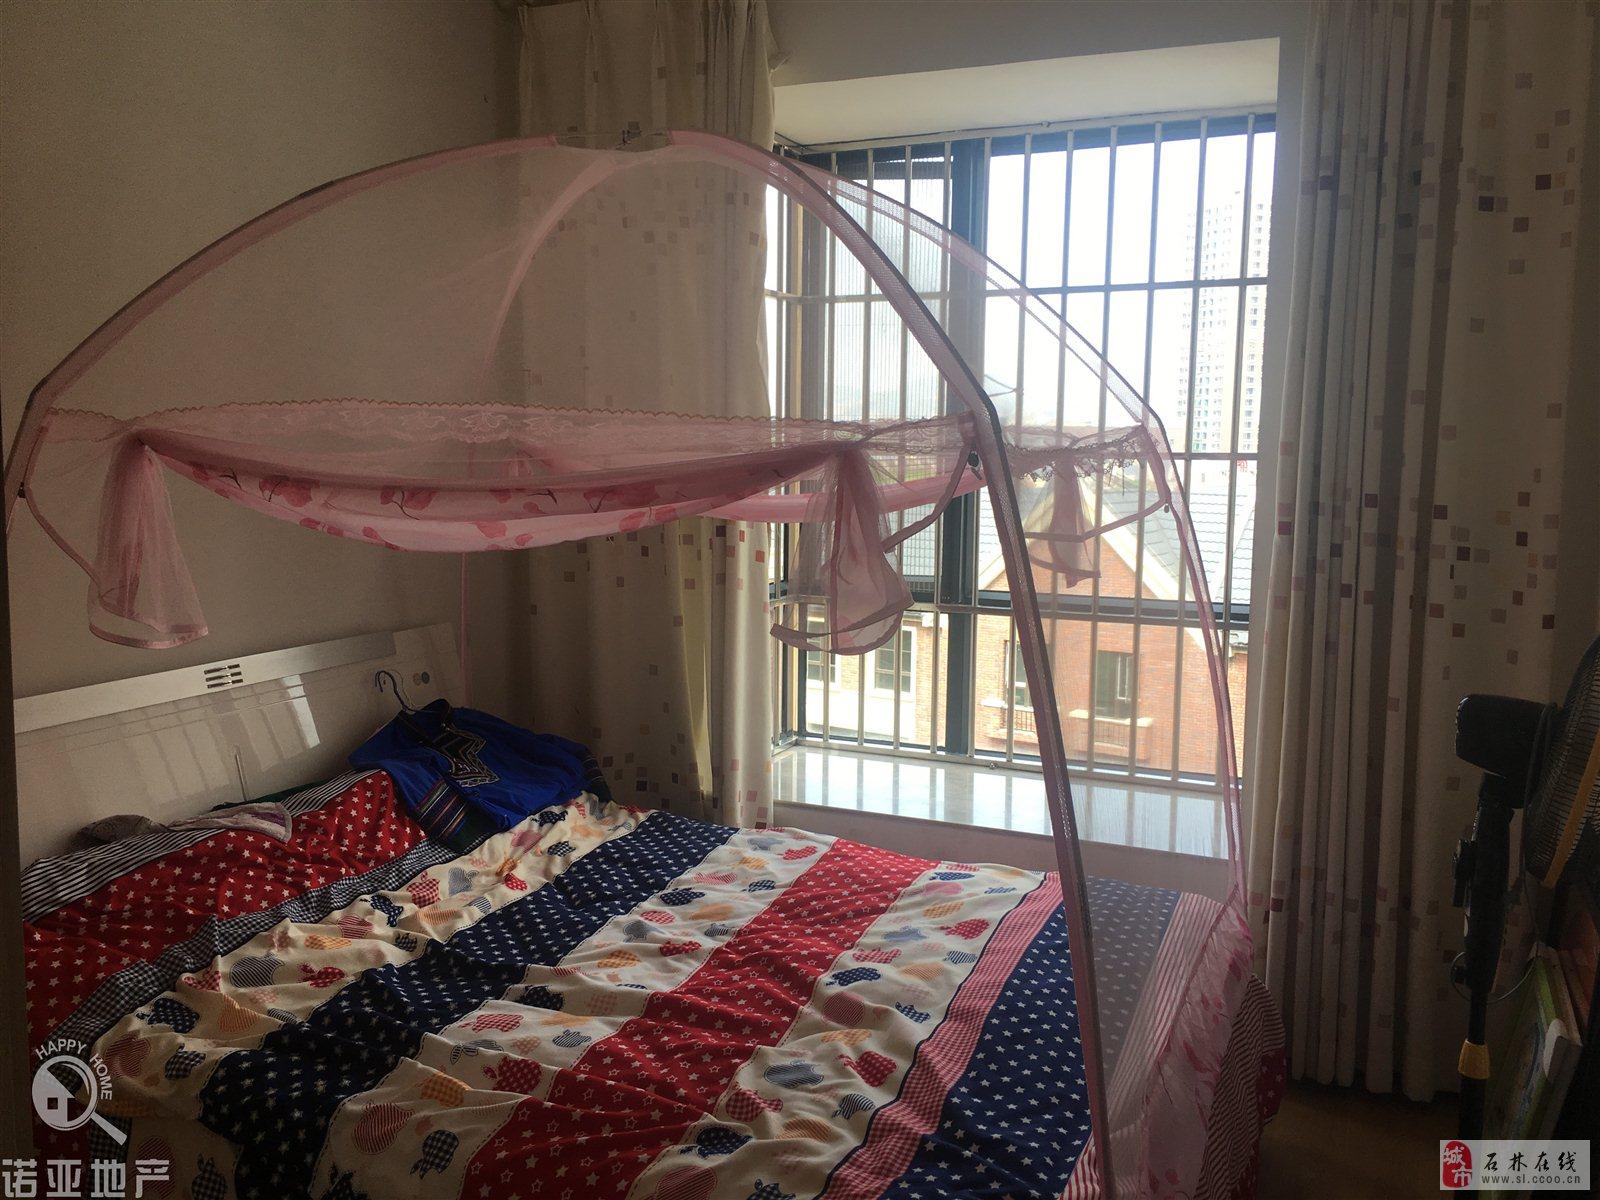 世纪阳光126平米精装修3室2厅2卫60万元